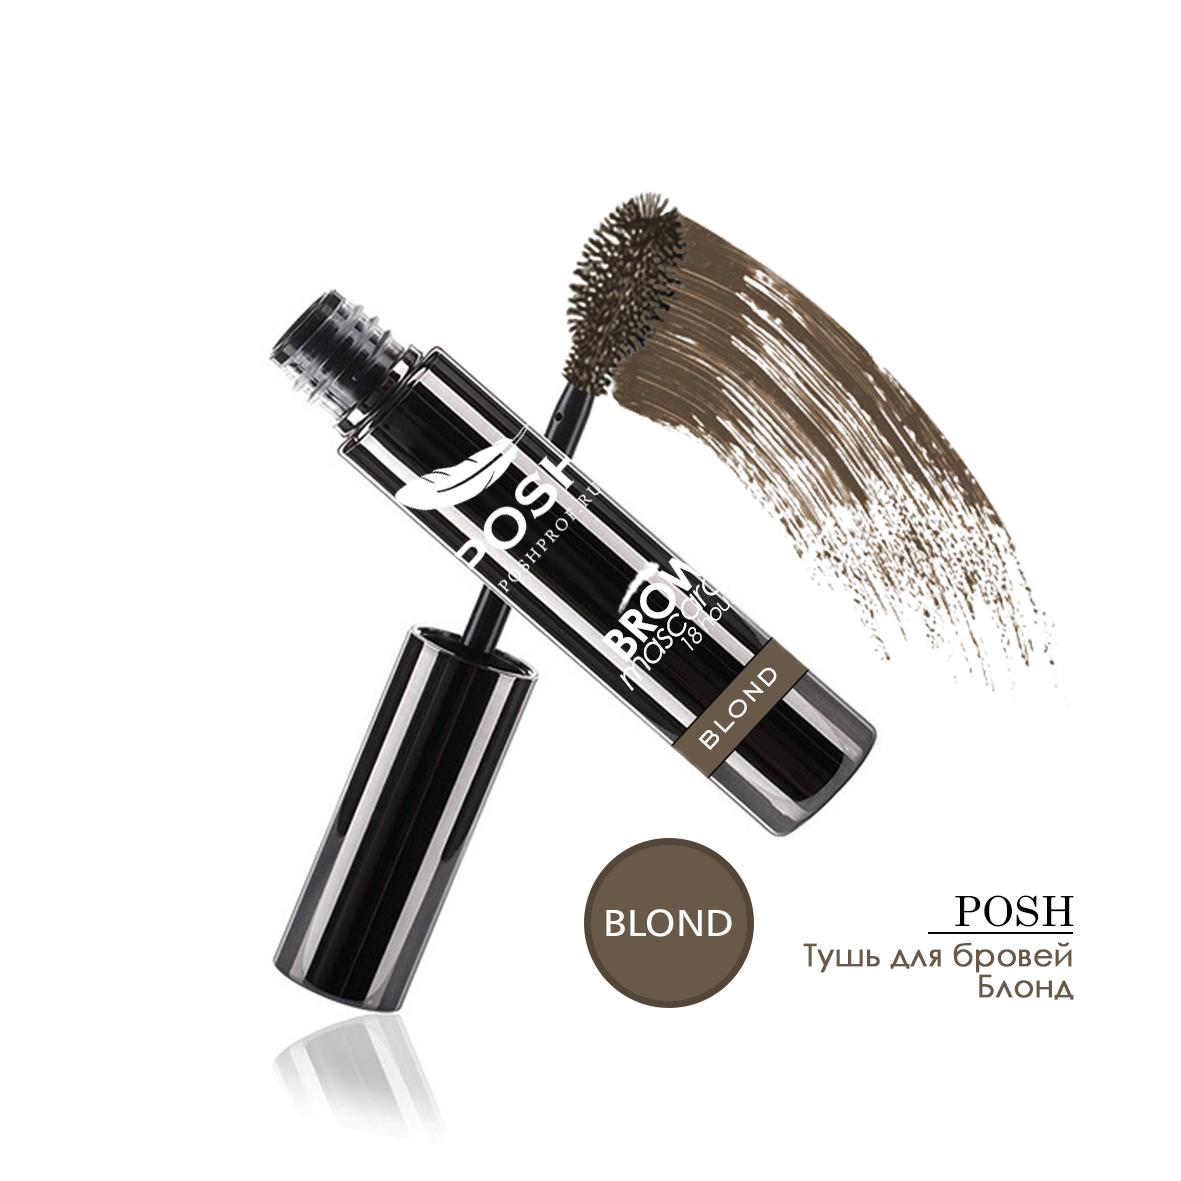 POSH Тушь для бровей с укладывающим и фиксирующим эффектом Блонд / POSH WoW Brow Mascara Blond